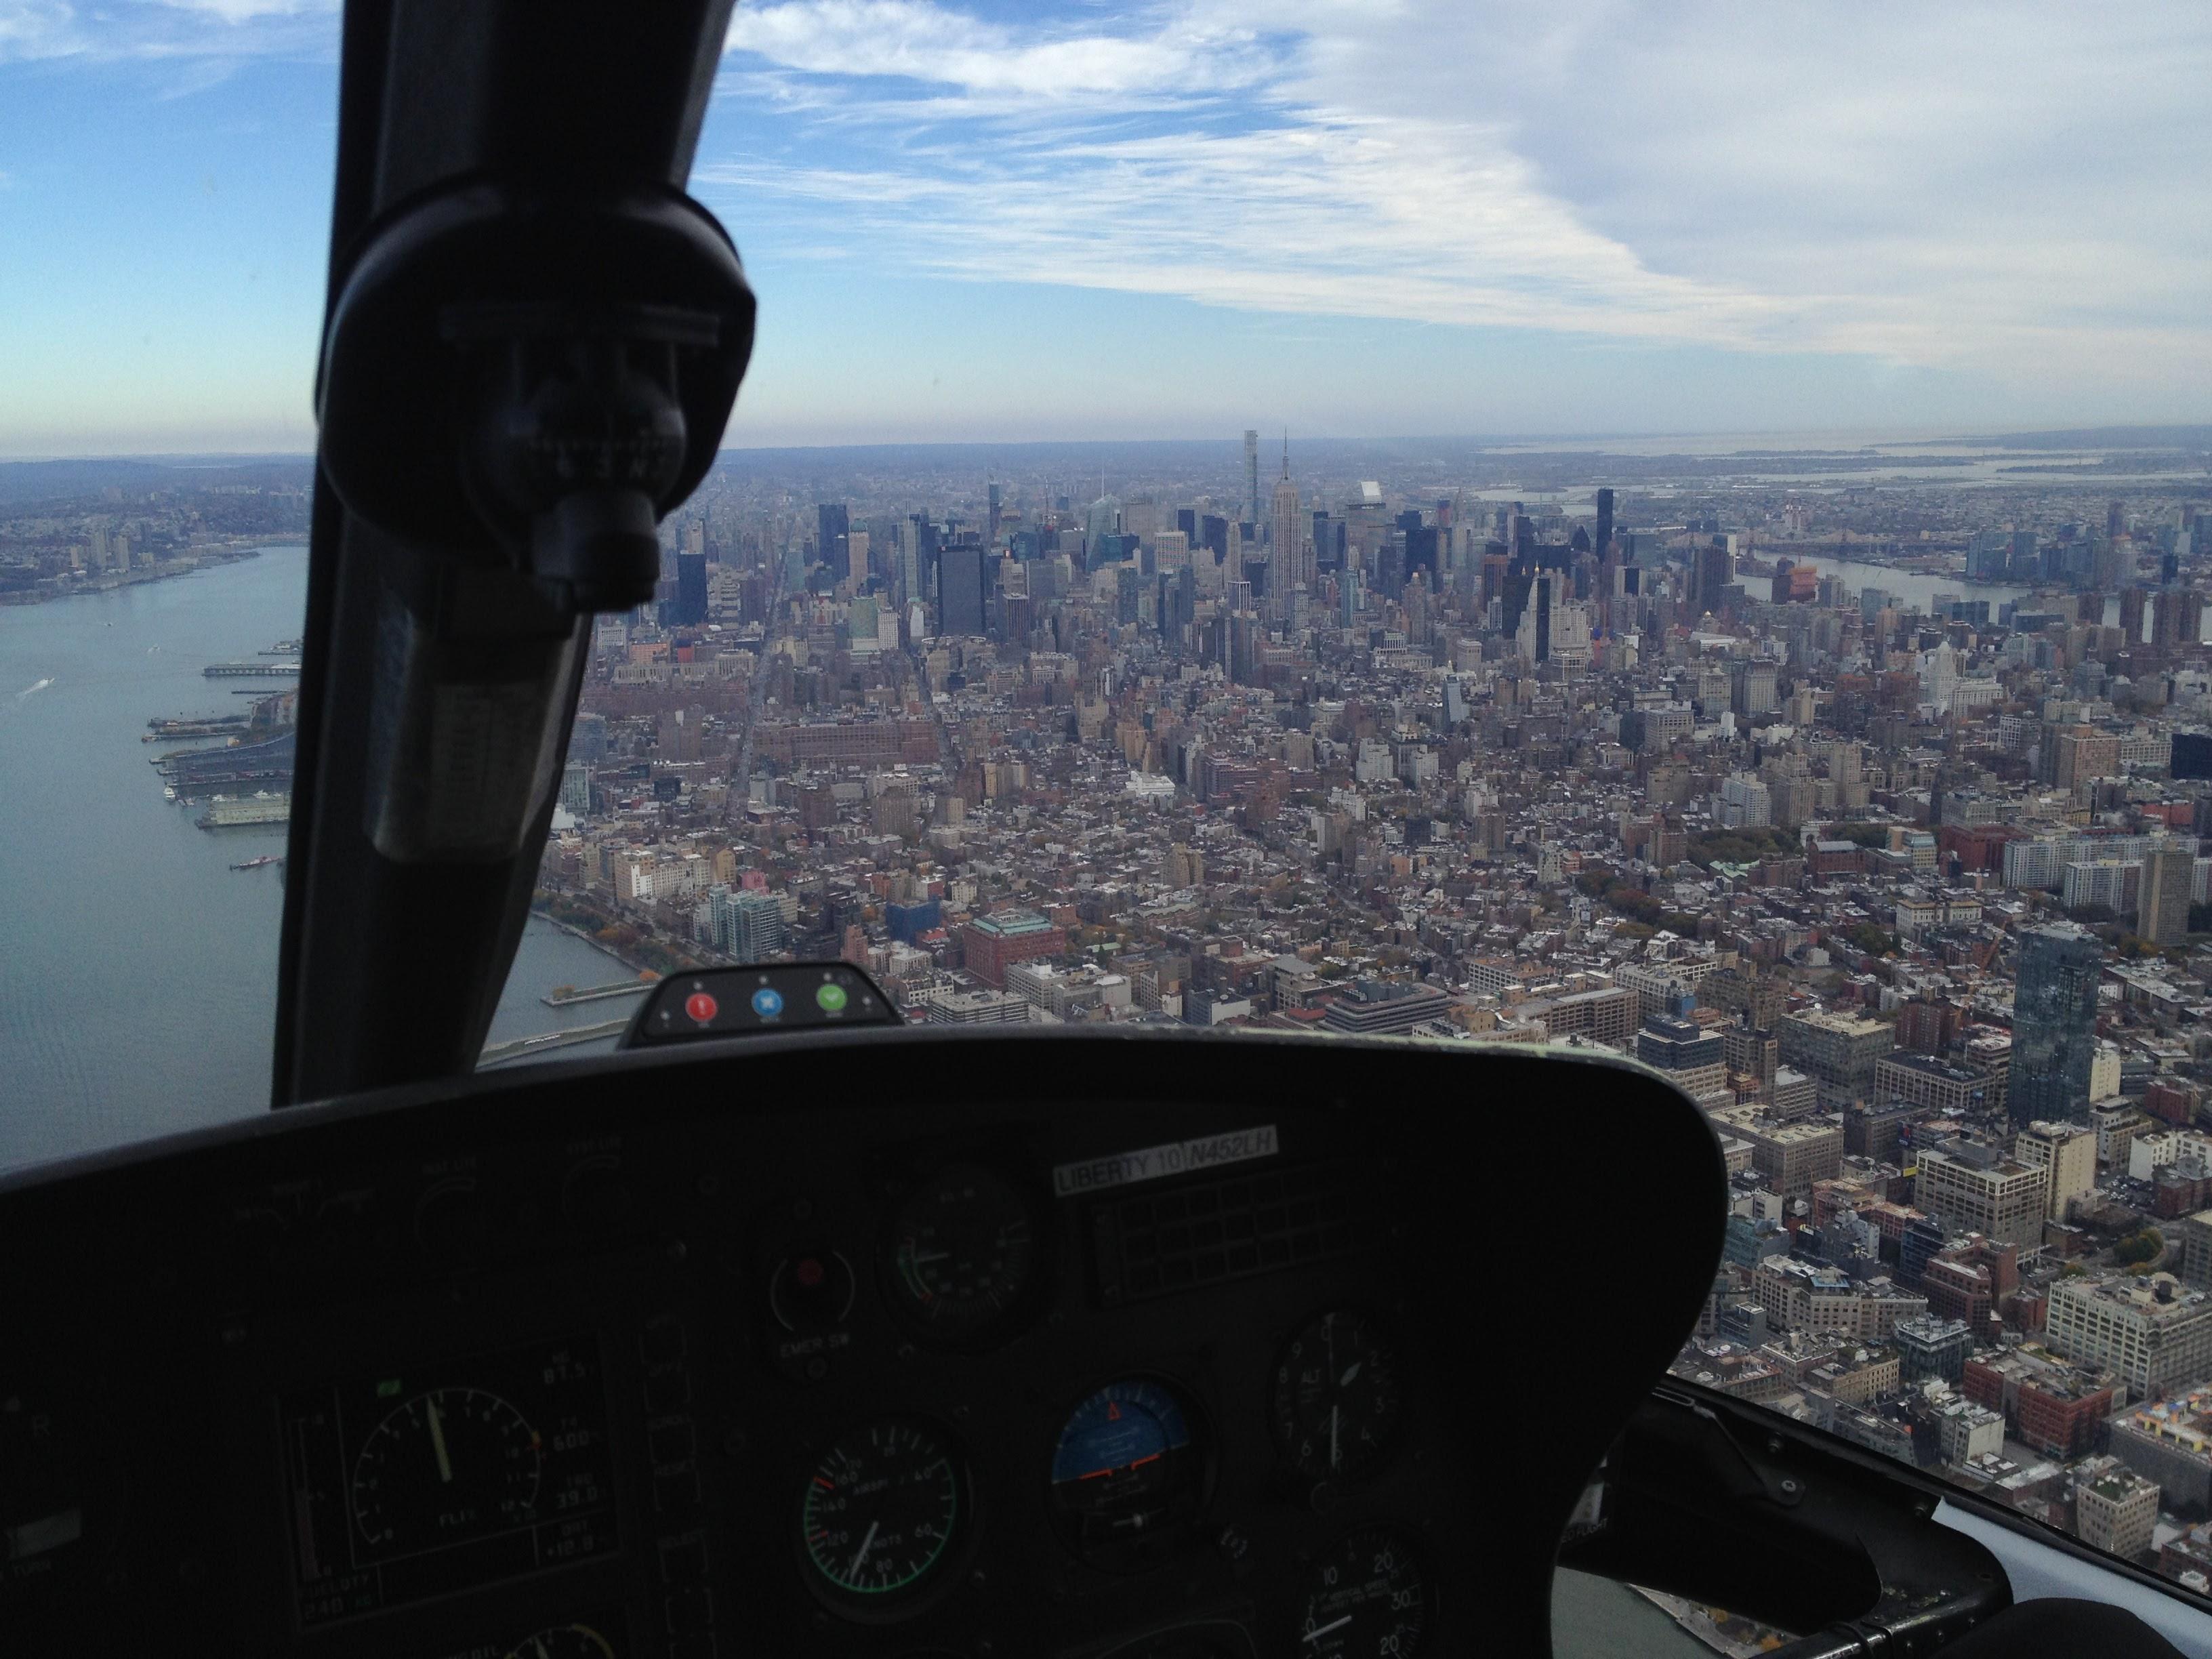 Det er ikke billig med en helikoptertur over New York, men så er også opplevelsen helt spektakulær. Foto: L. Kongerud